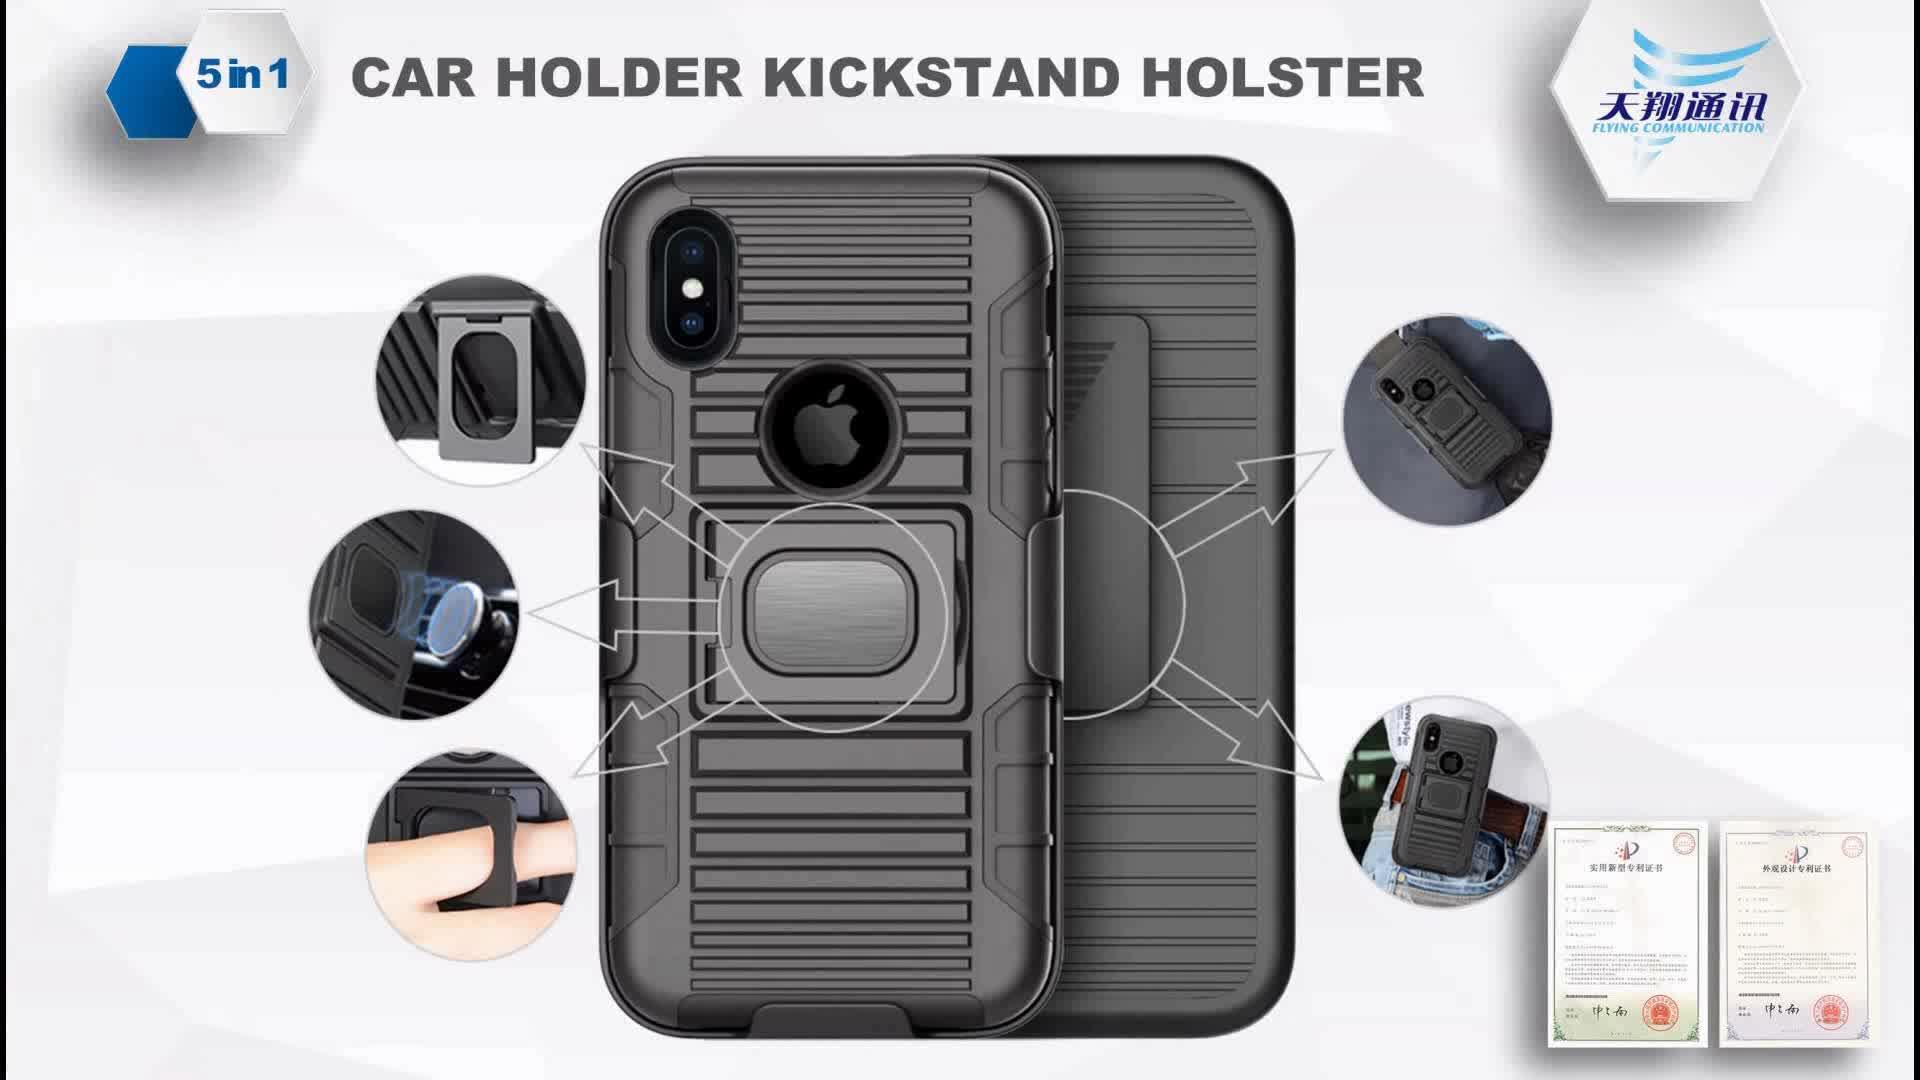 2017 venda quente de plástico combo holster ring armor kickstand caso de telefone para moto e4 com suporte do carro ímã